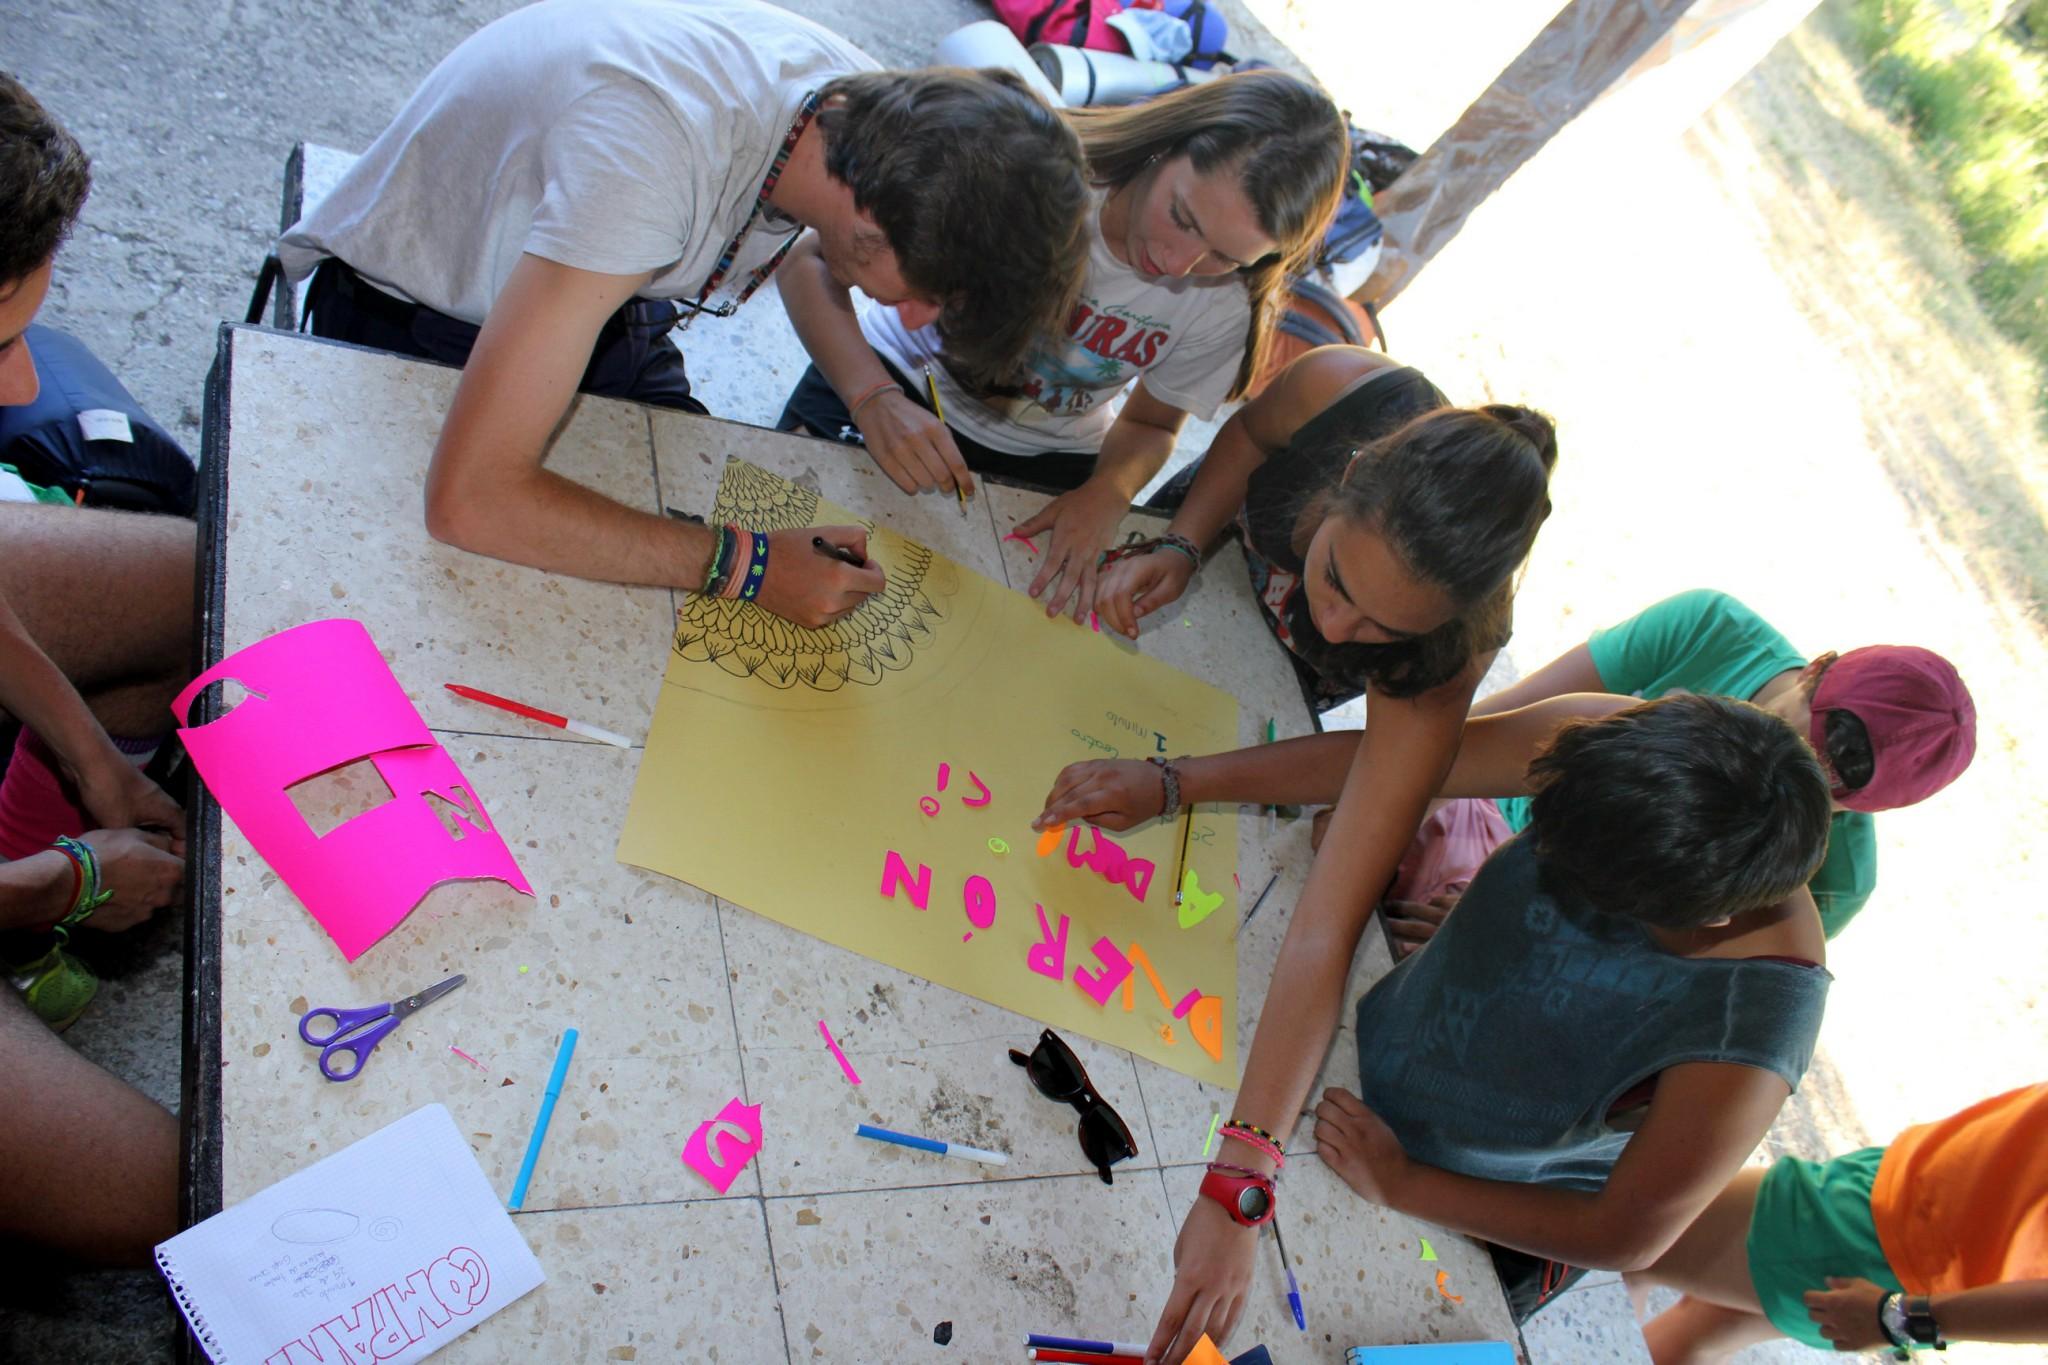 Campamentos de verano en España niños jóvenes actividades socioculturales juegos talleres